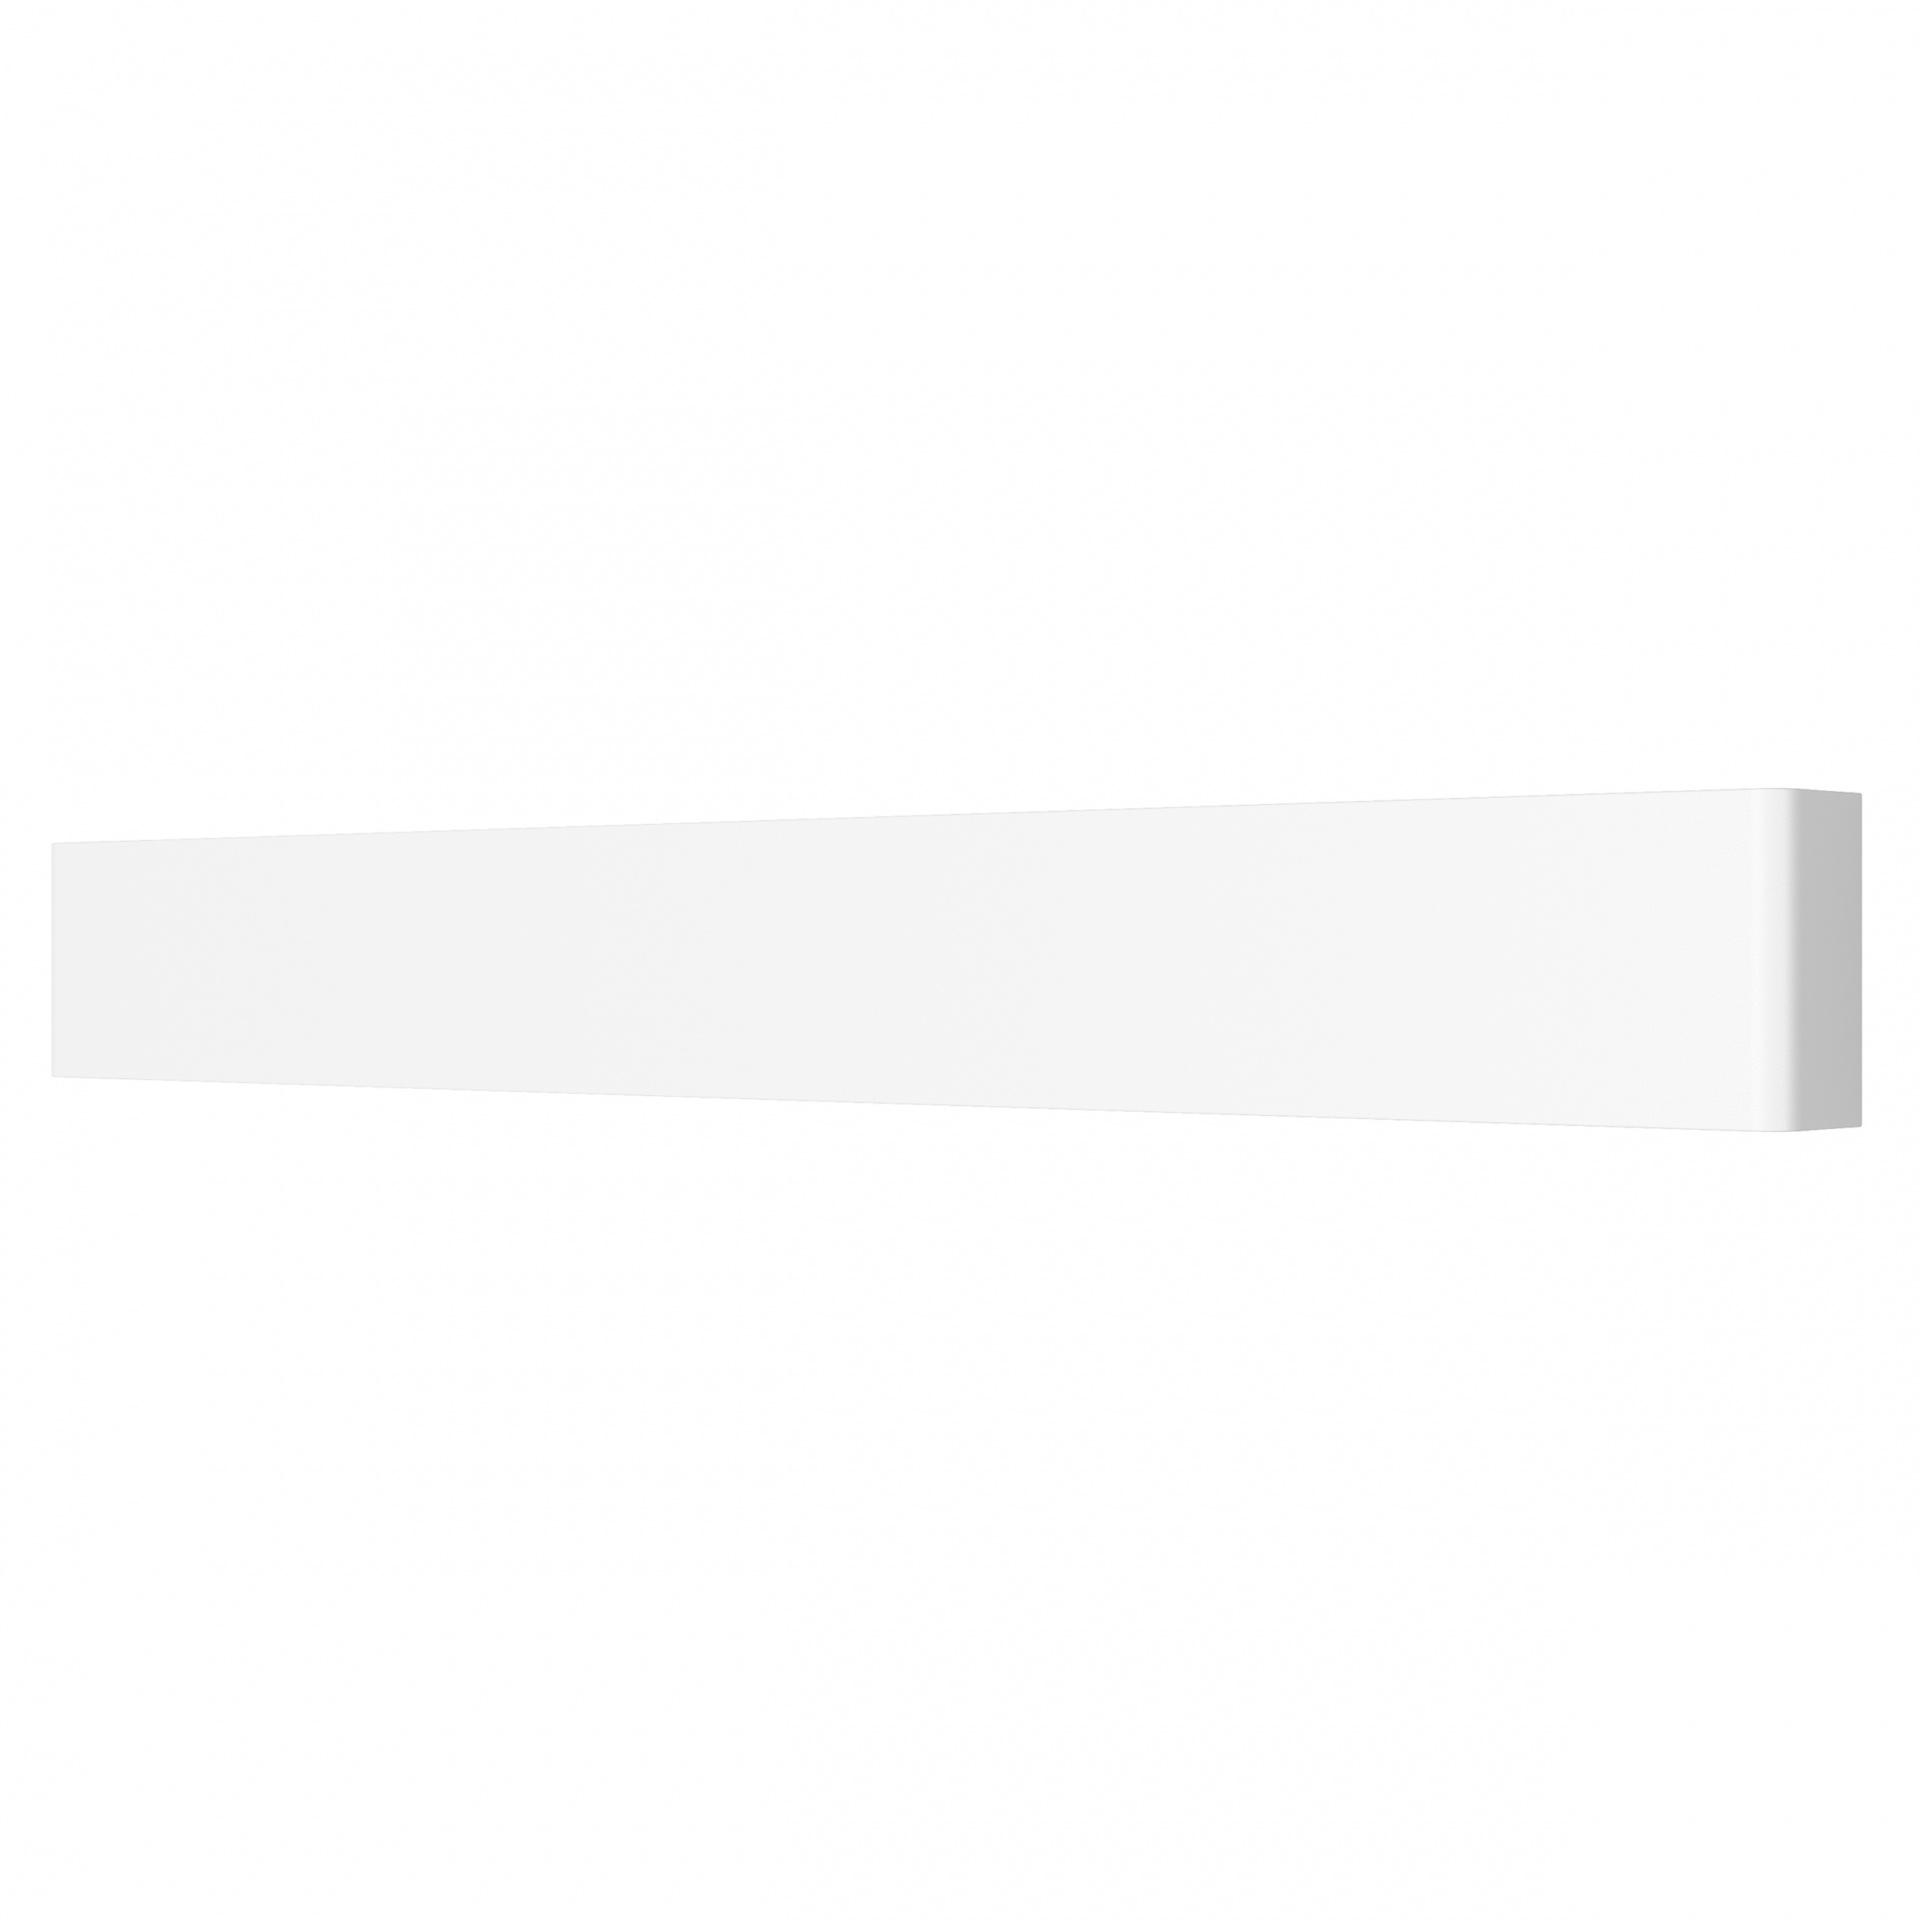 Бра Fiume 20W 1900LM матовый белый 3000K Lightstar 810526, купить в СПб, Москве, с доставкой, Санкт-Петербург, интернет-магазин люстр и светильников Starlight, фото в жизни